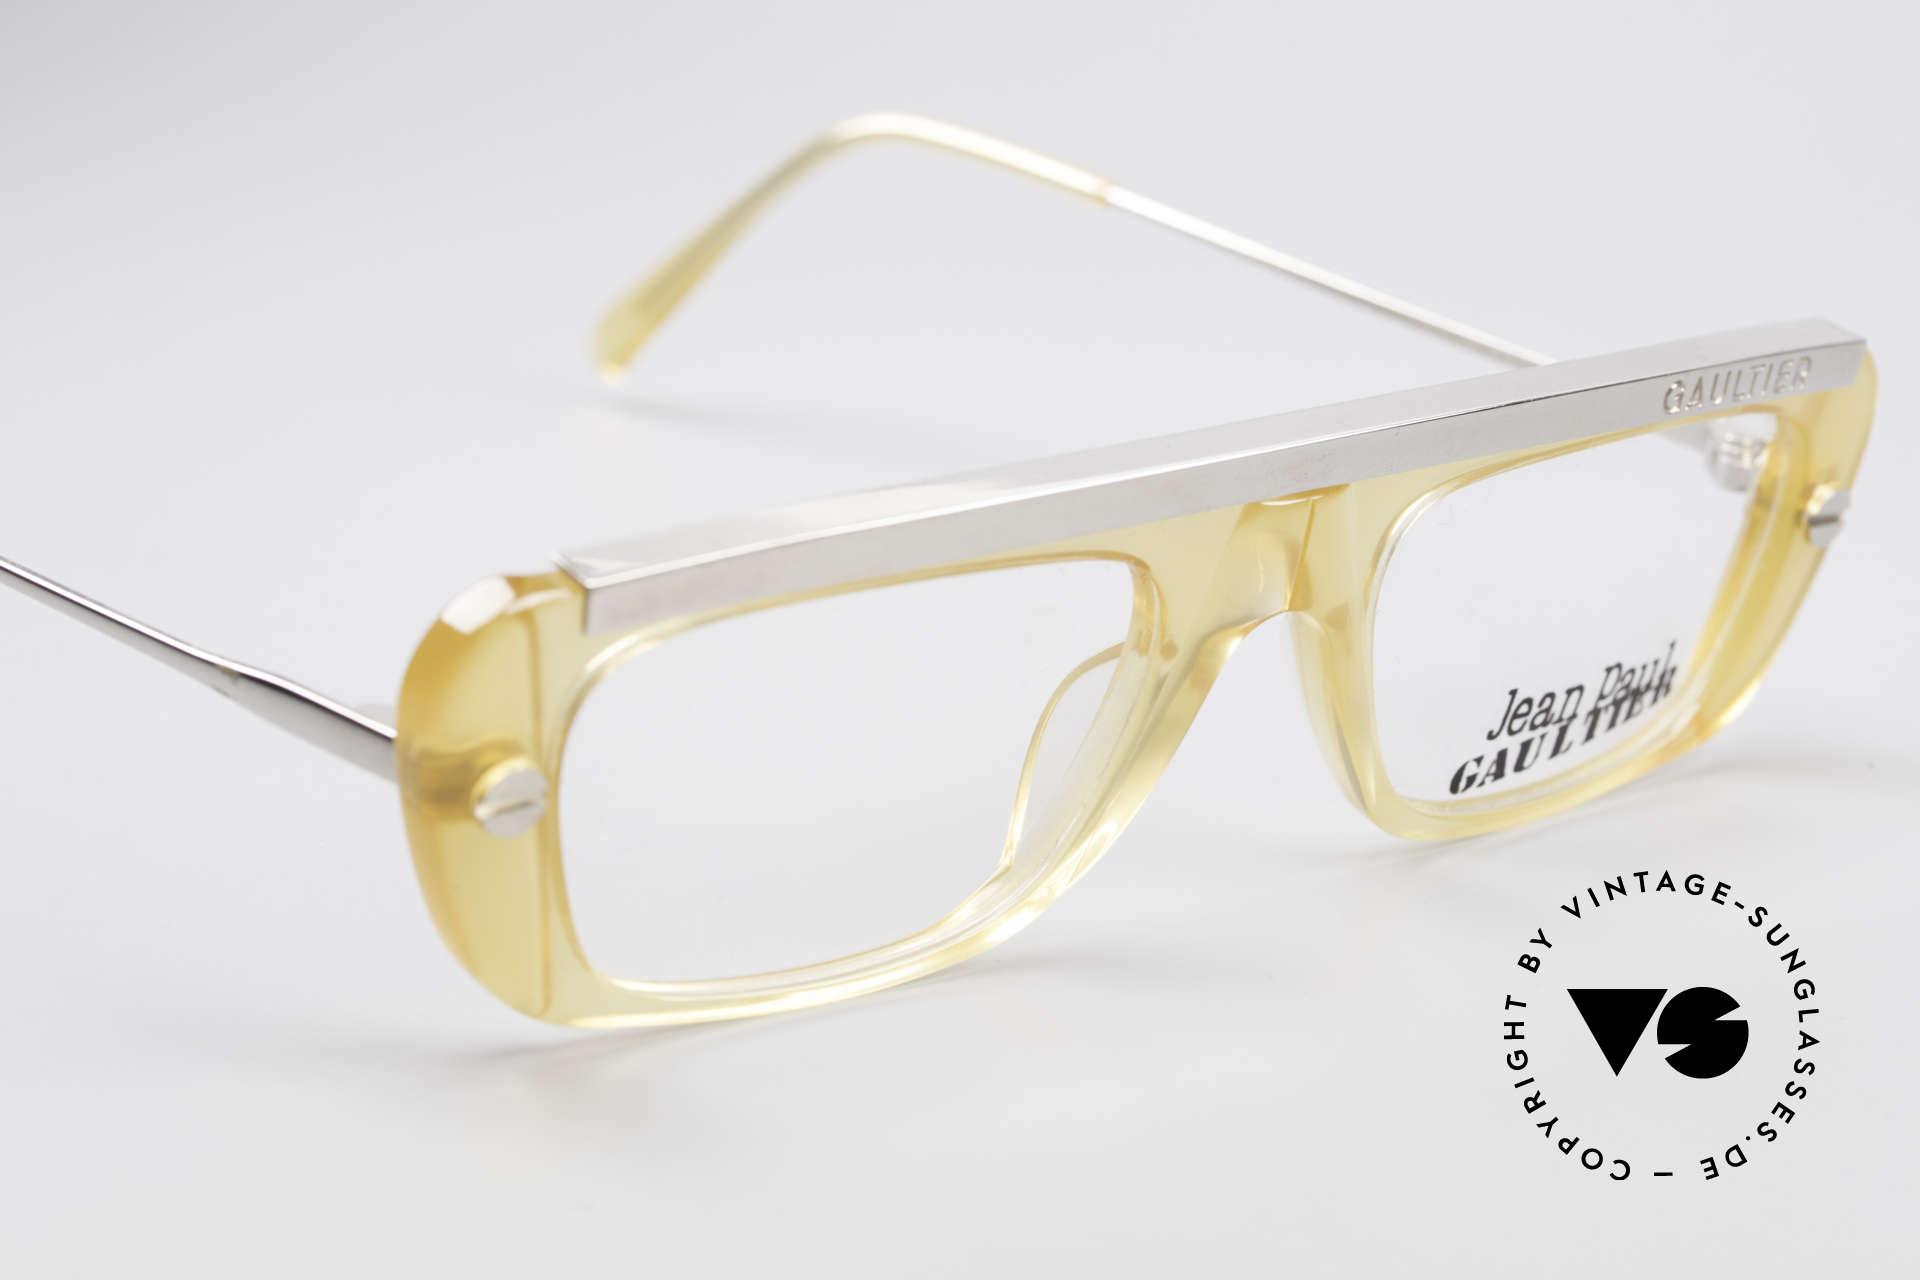 Jean Paul Gaultier 55-0771 Markante Vintage Brille, KEINE RETROBRILLE; ein seltenes altes ORIGINAL!, Passend für Herren und Damen